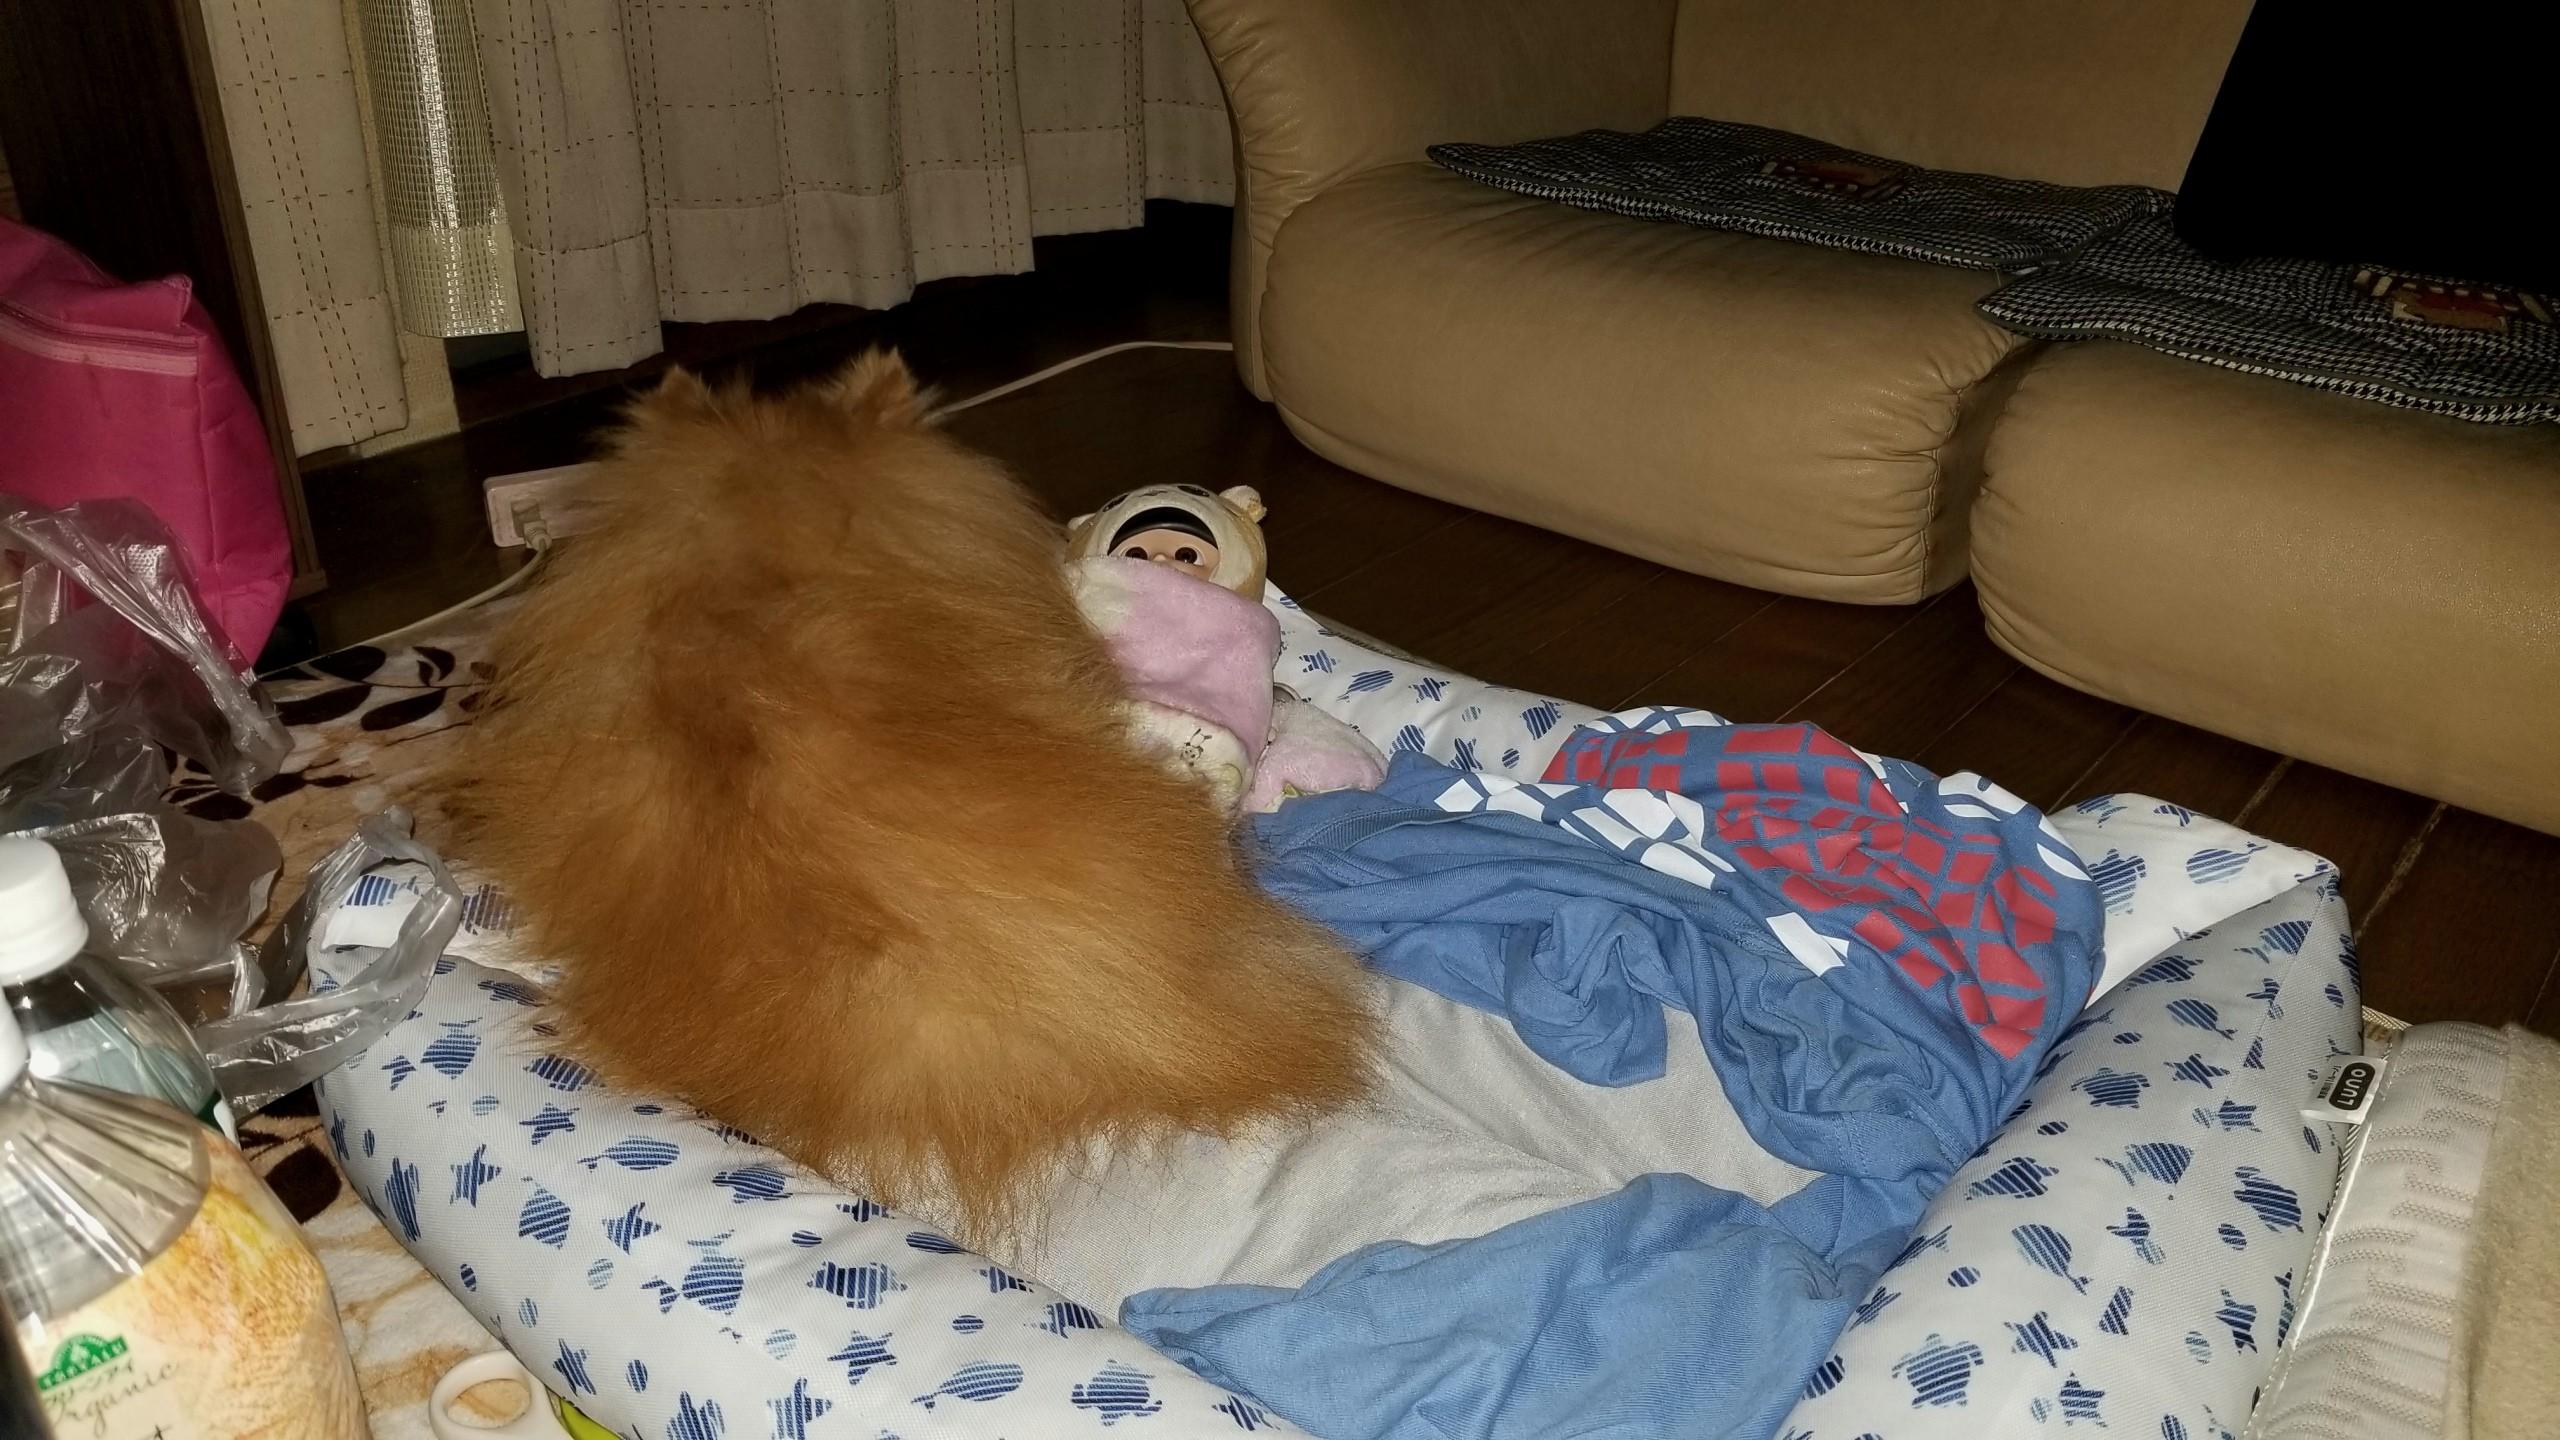 ペット老犬の病気容態悪化,かわいそう辛い,心臓弁膜症パテラ膝の痛み